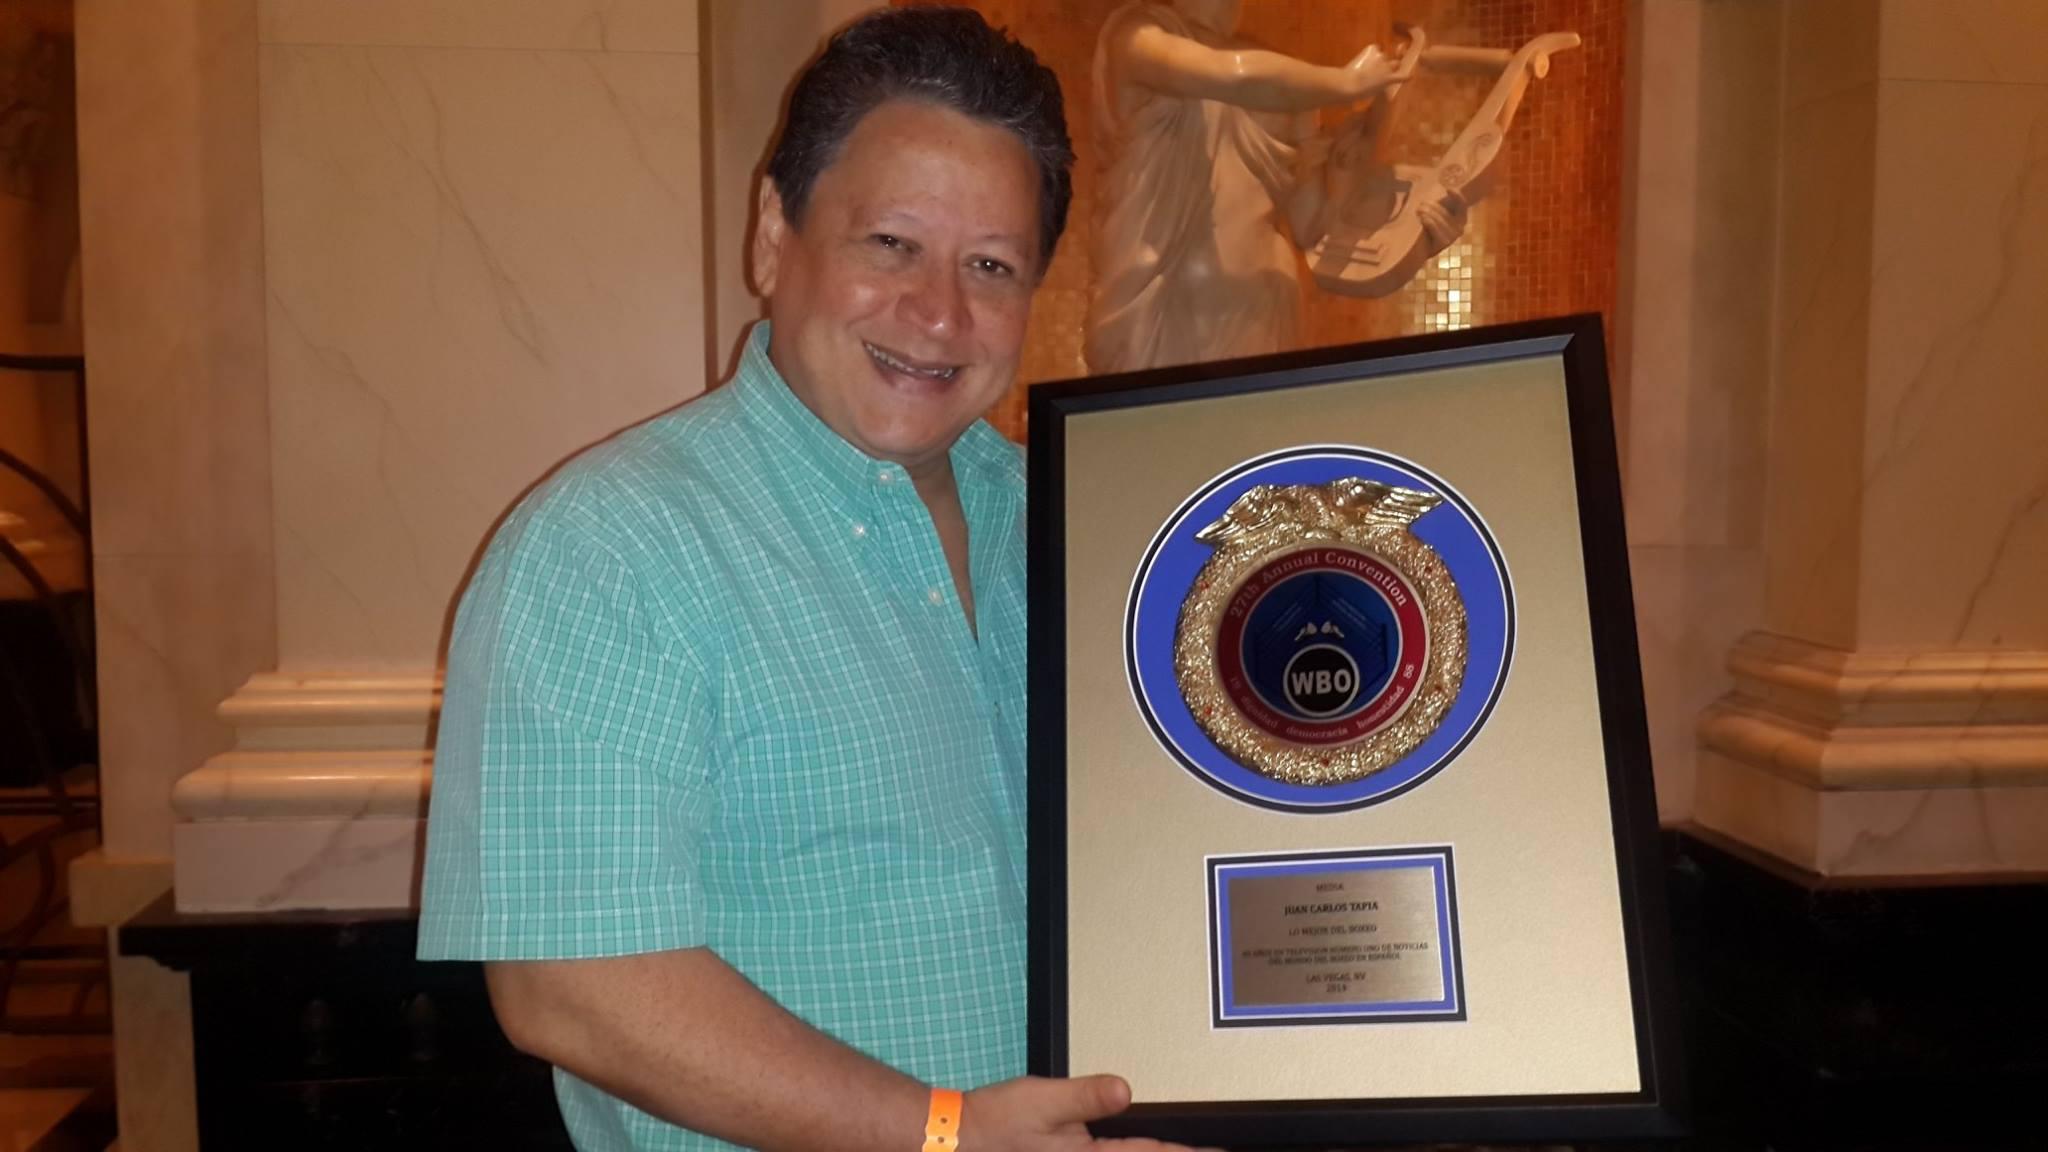 La OMB distingue a Juan Carlos Tapia